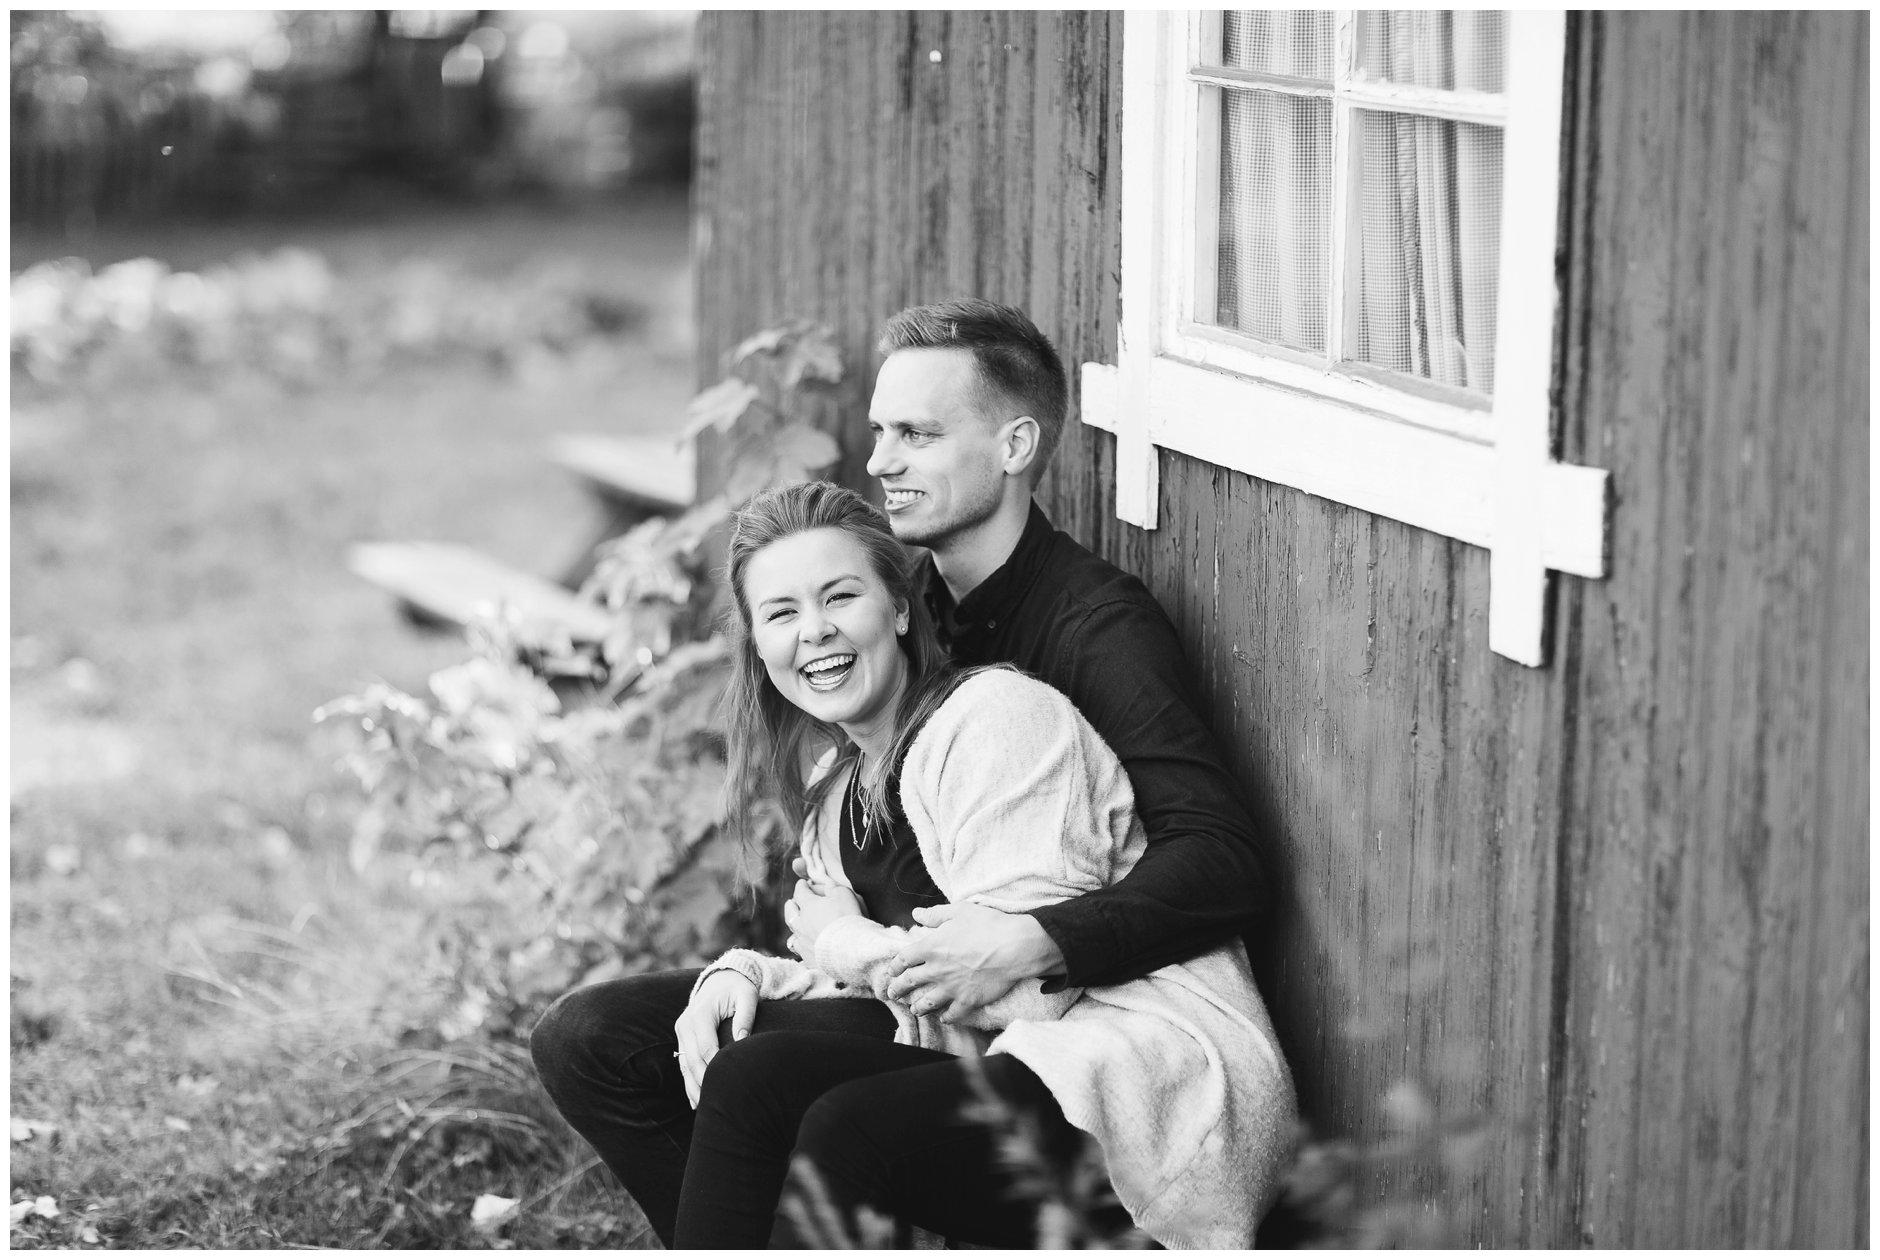 Fotograf-Eline-Jacobine-Forlovet-Kjærester-Marta-og-Øyvind_0005